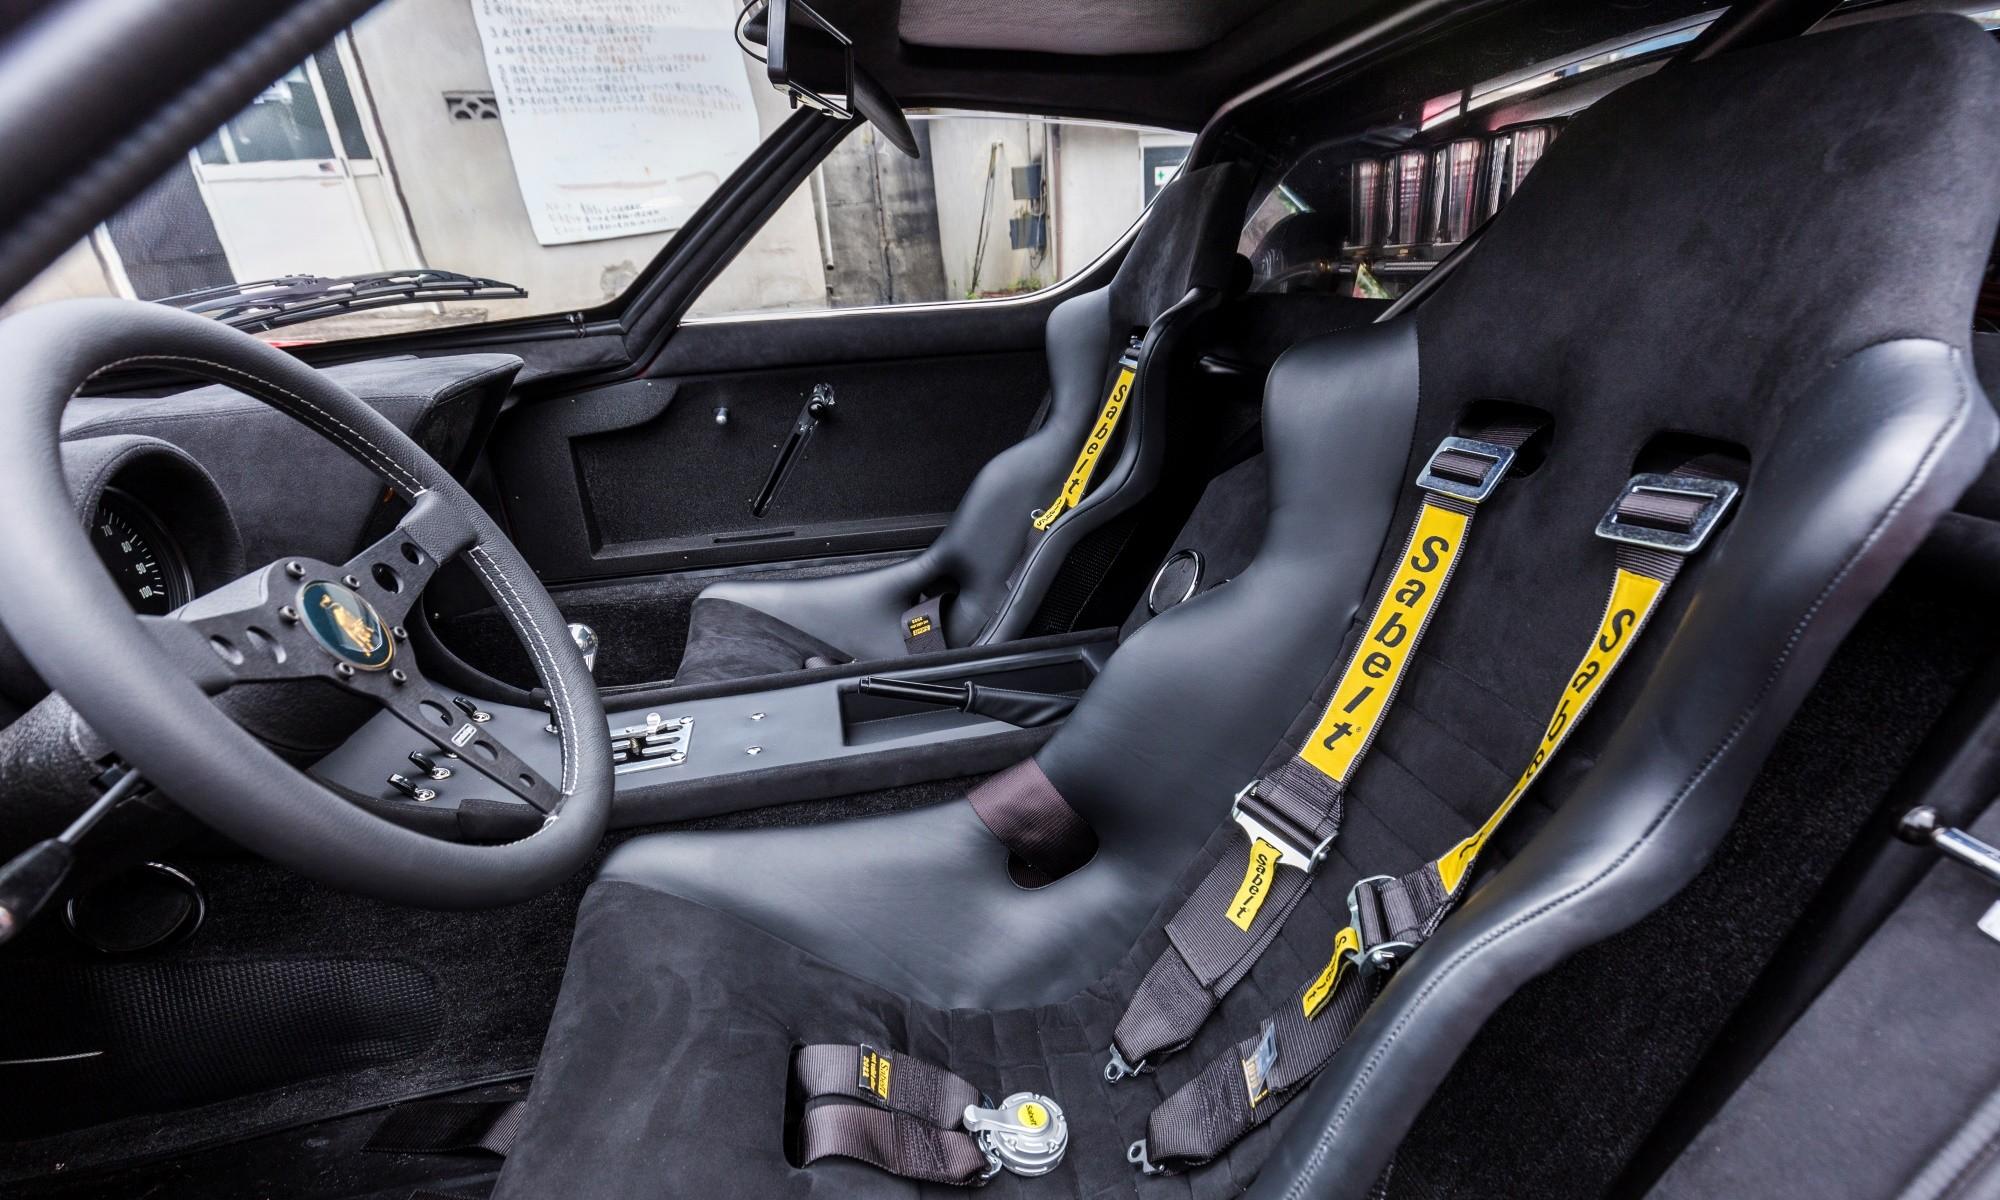 Lamborghini Miura SVR interior